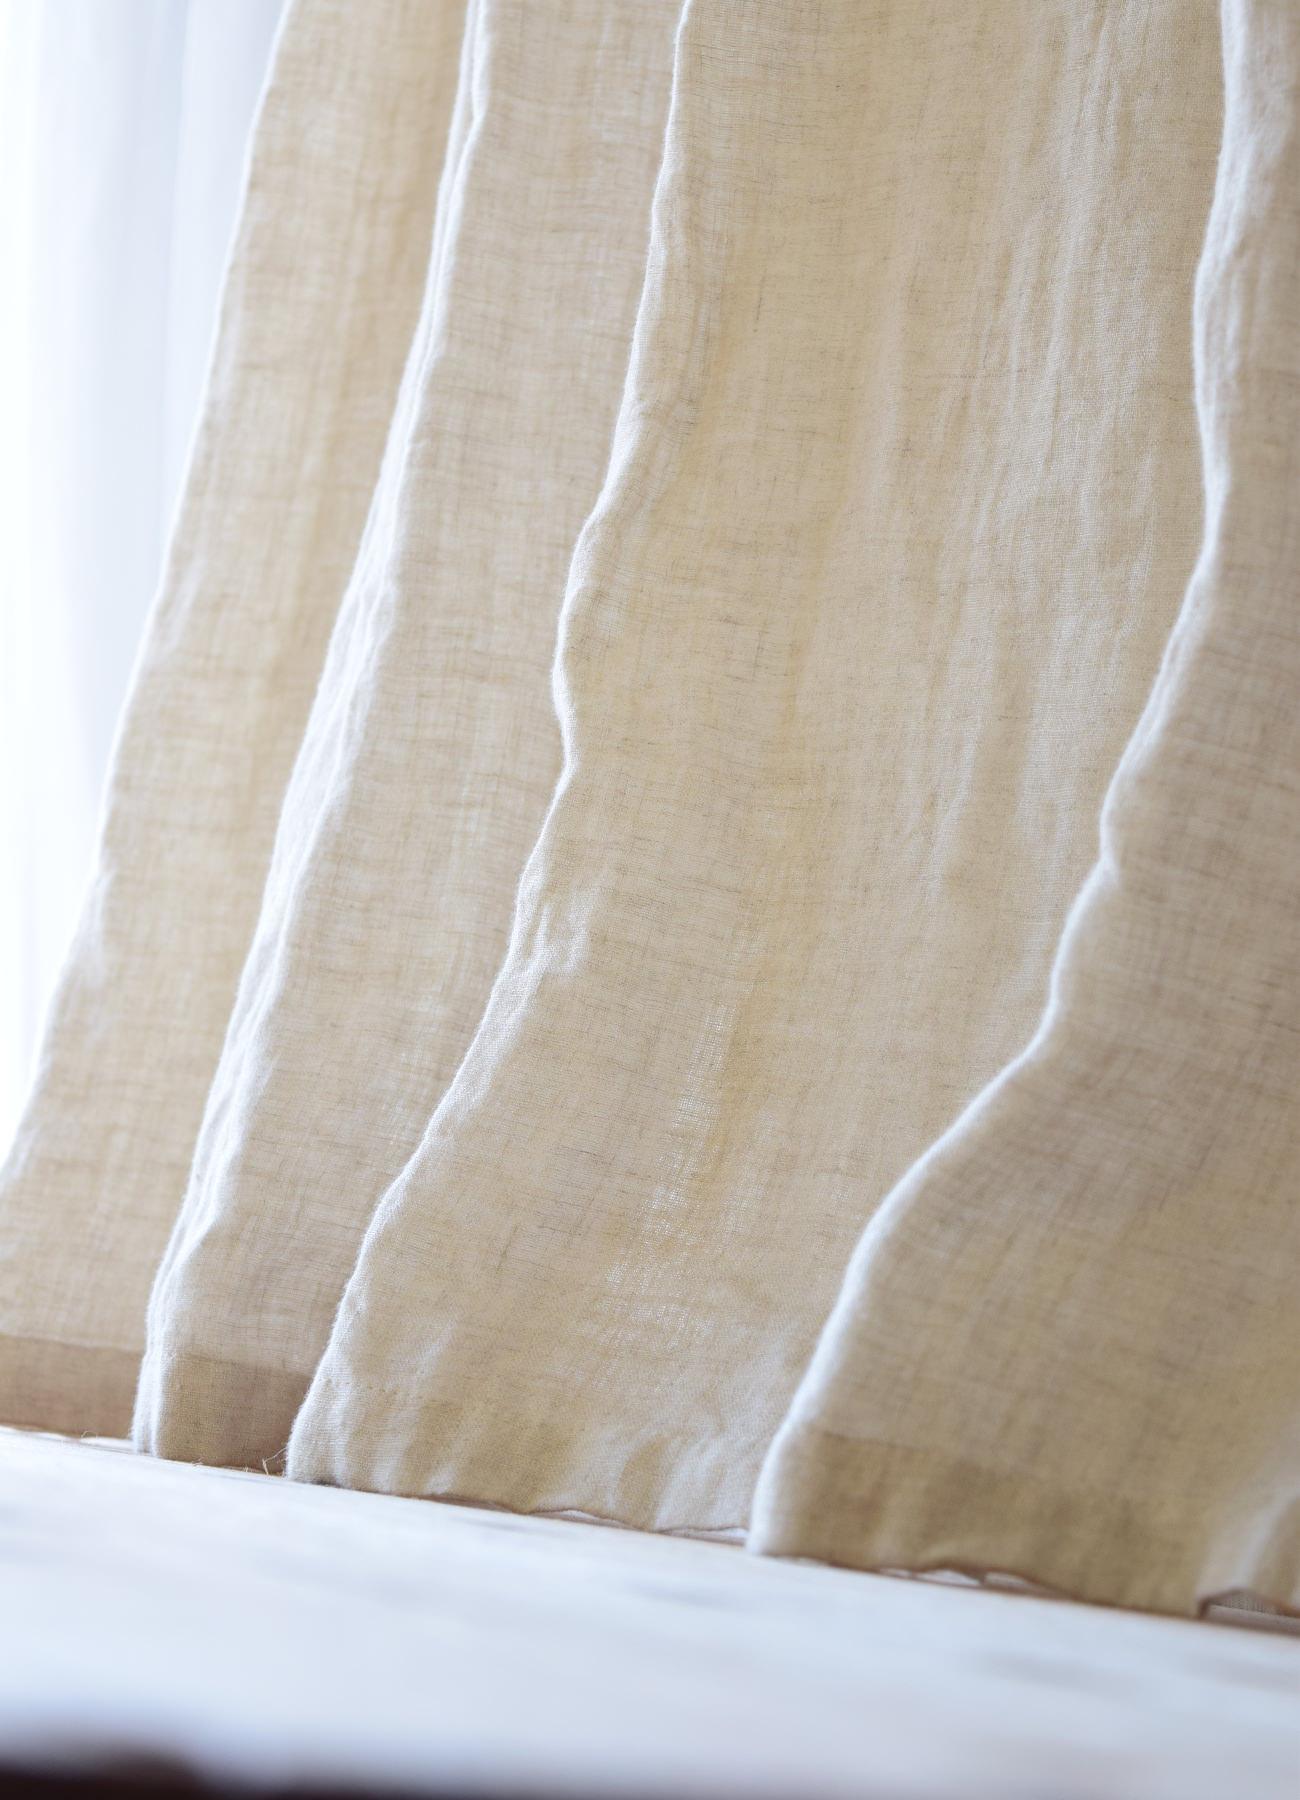 大きな窓のカーテン